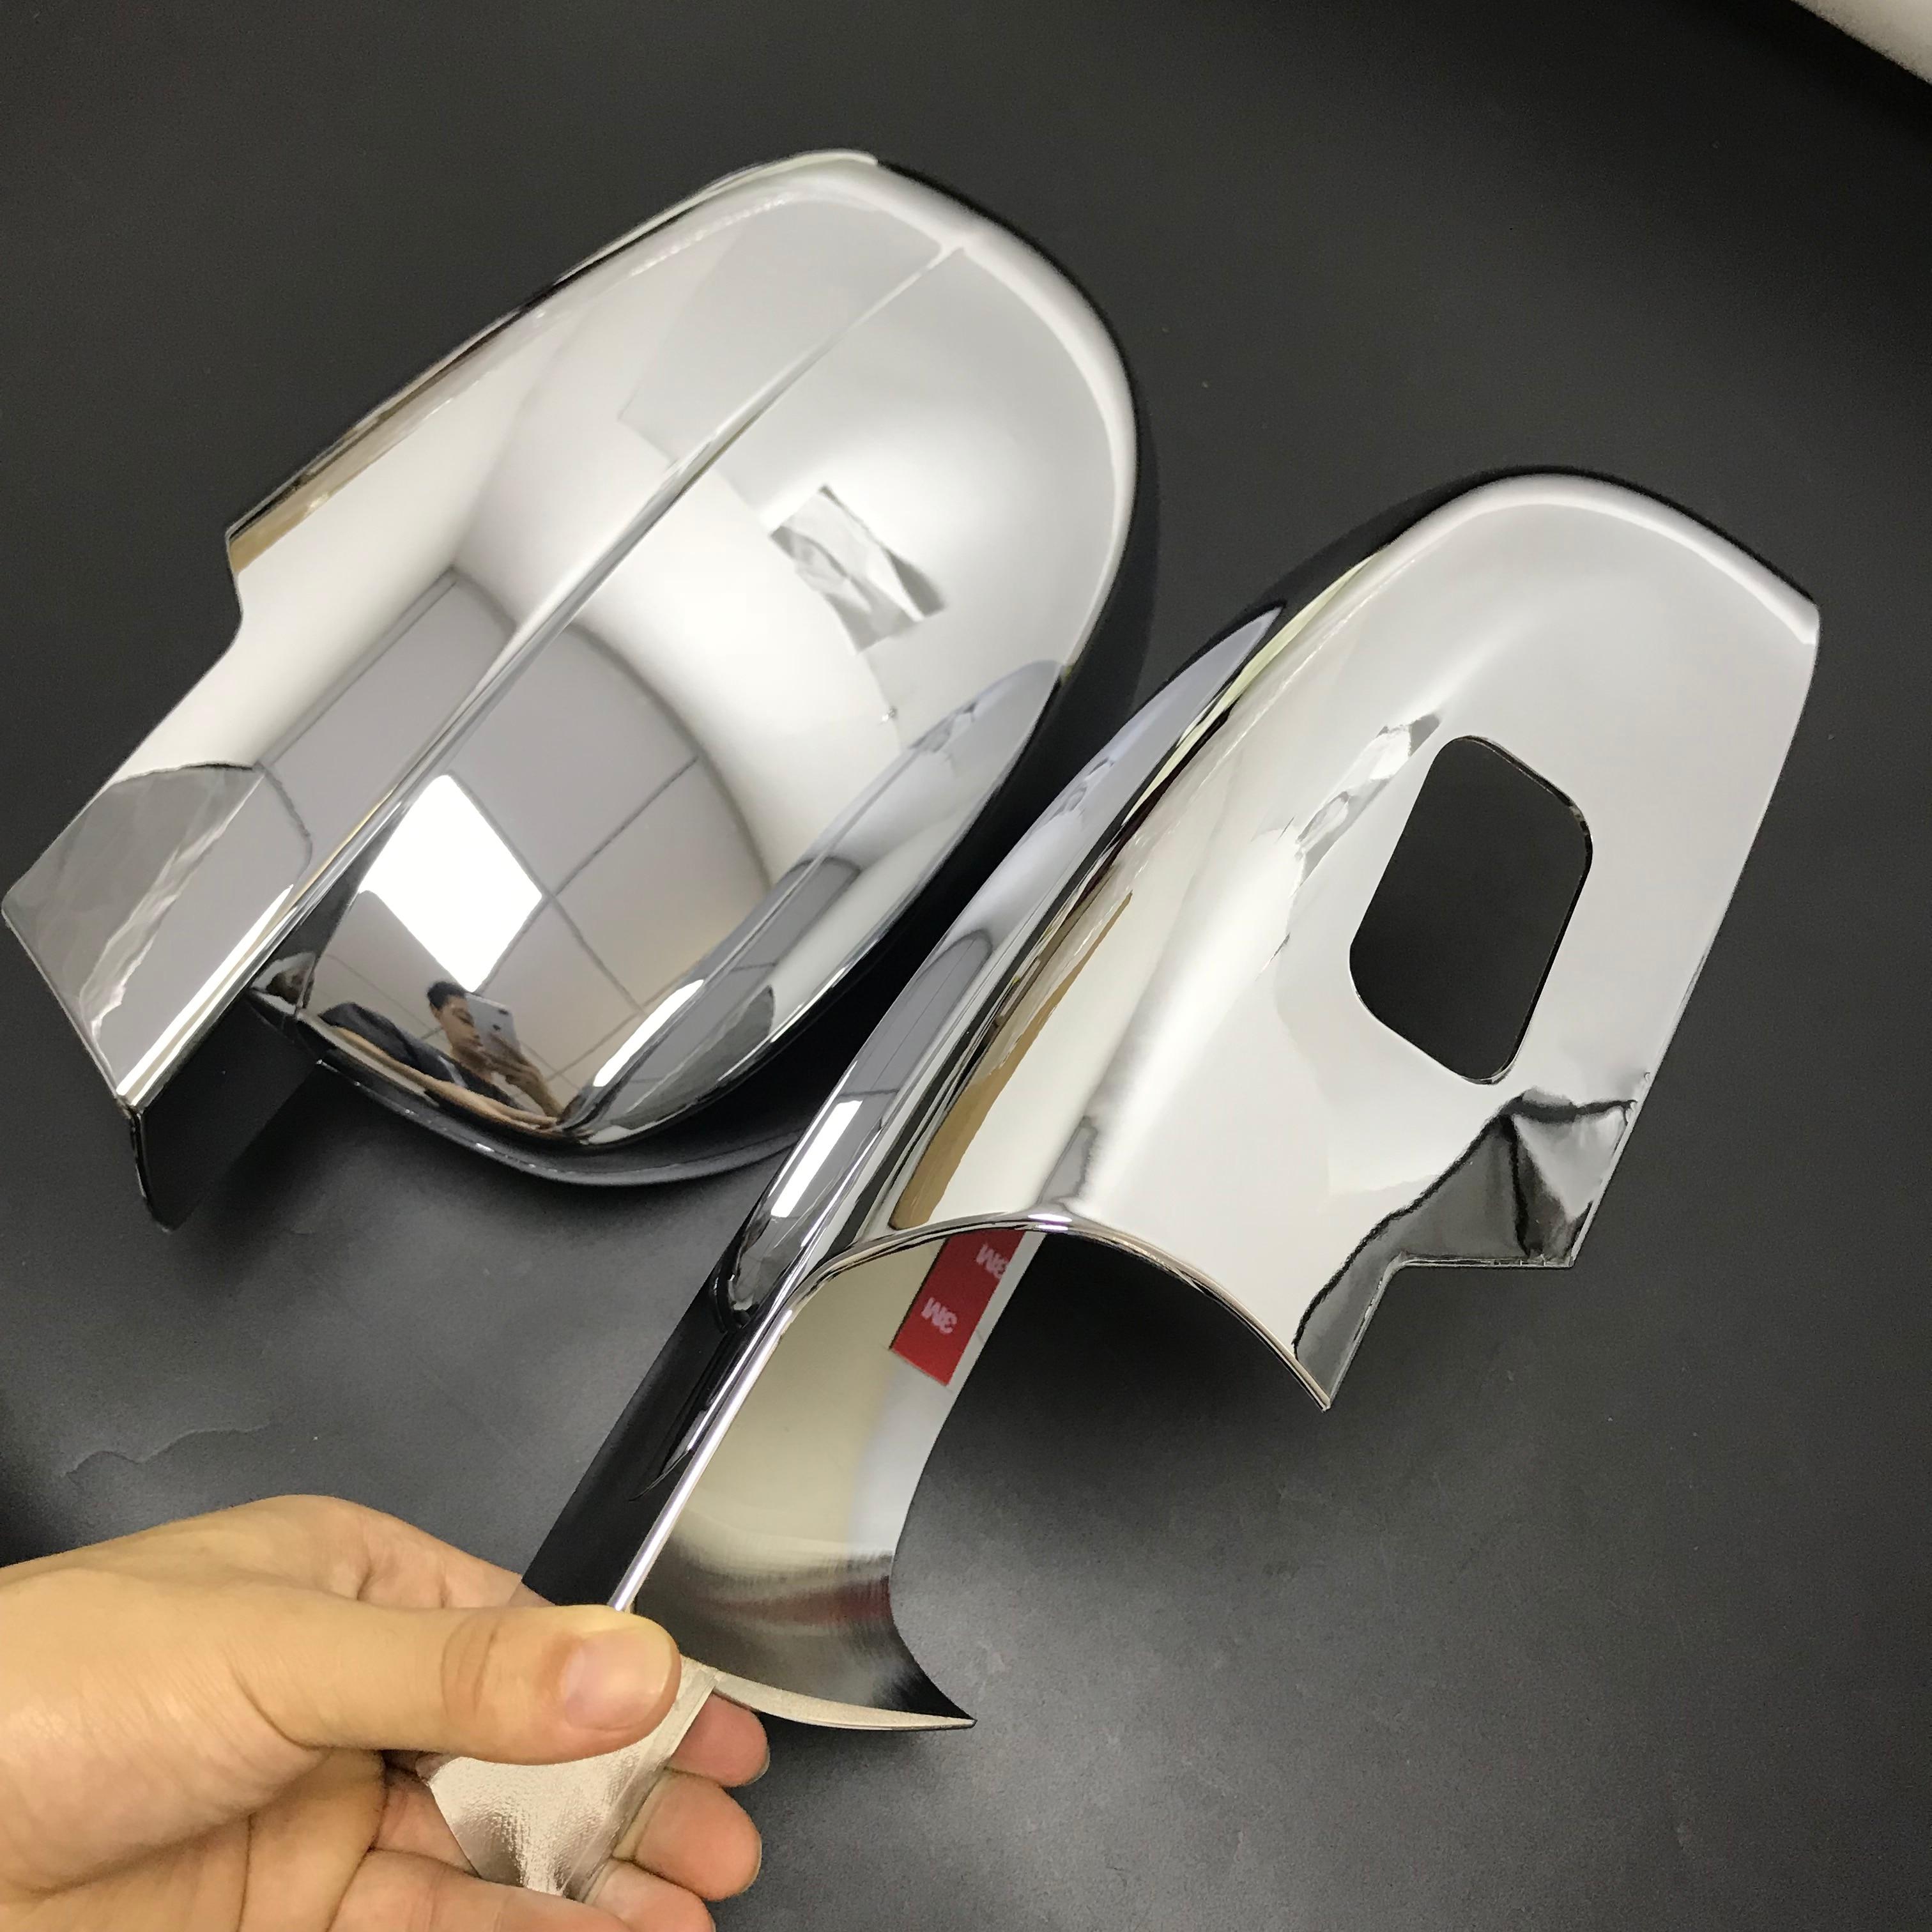 Estilo do carro 2x Chrome Silver Mirror Capa Tirms Para Chevrolet Tahoe GMC 2008 2009 2010 2011 2012 2013 2014 modelos